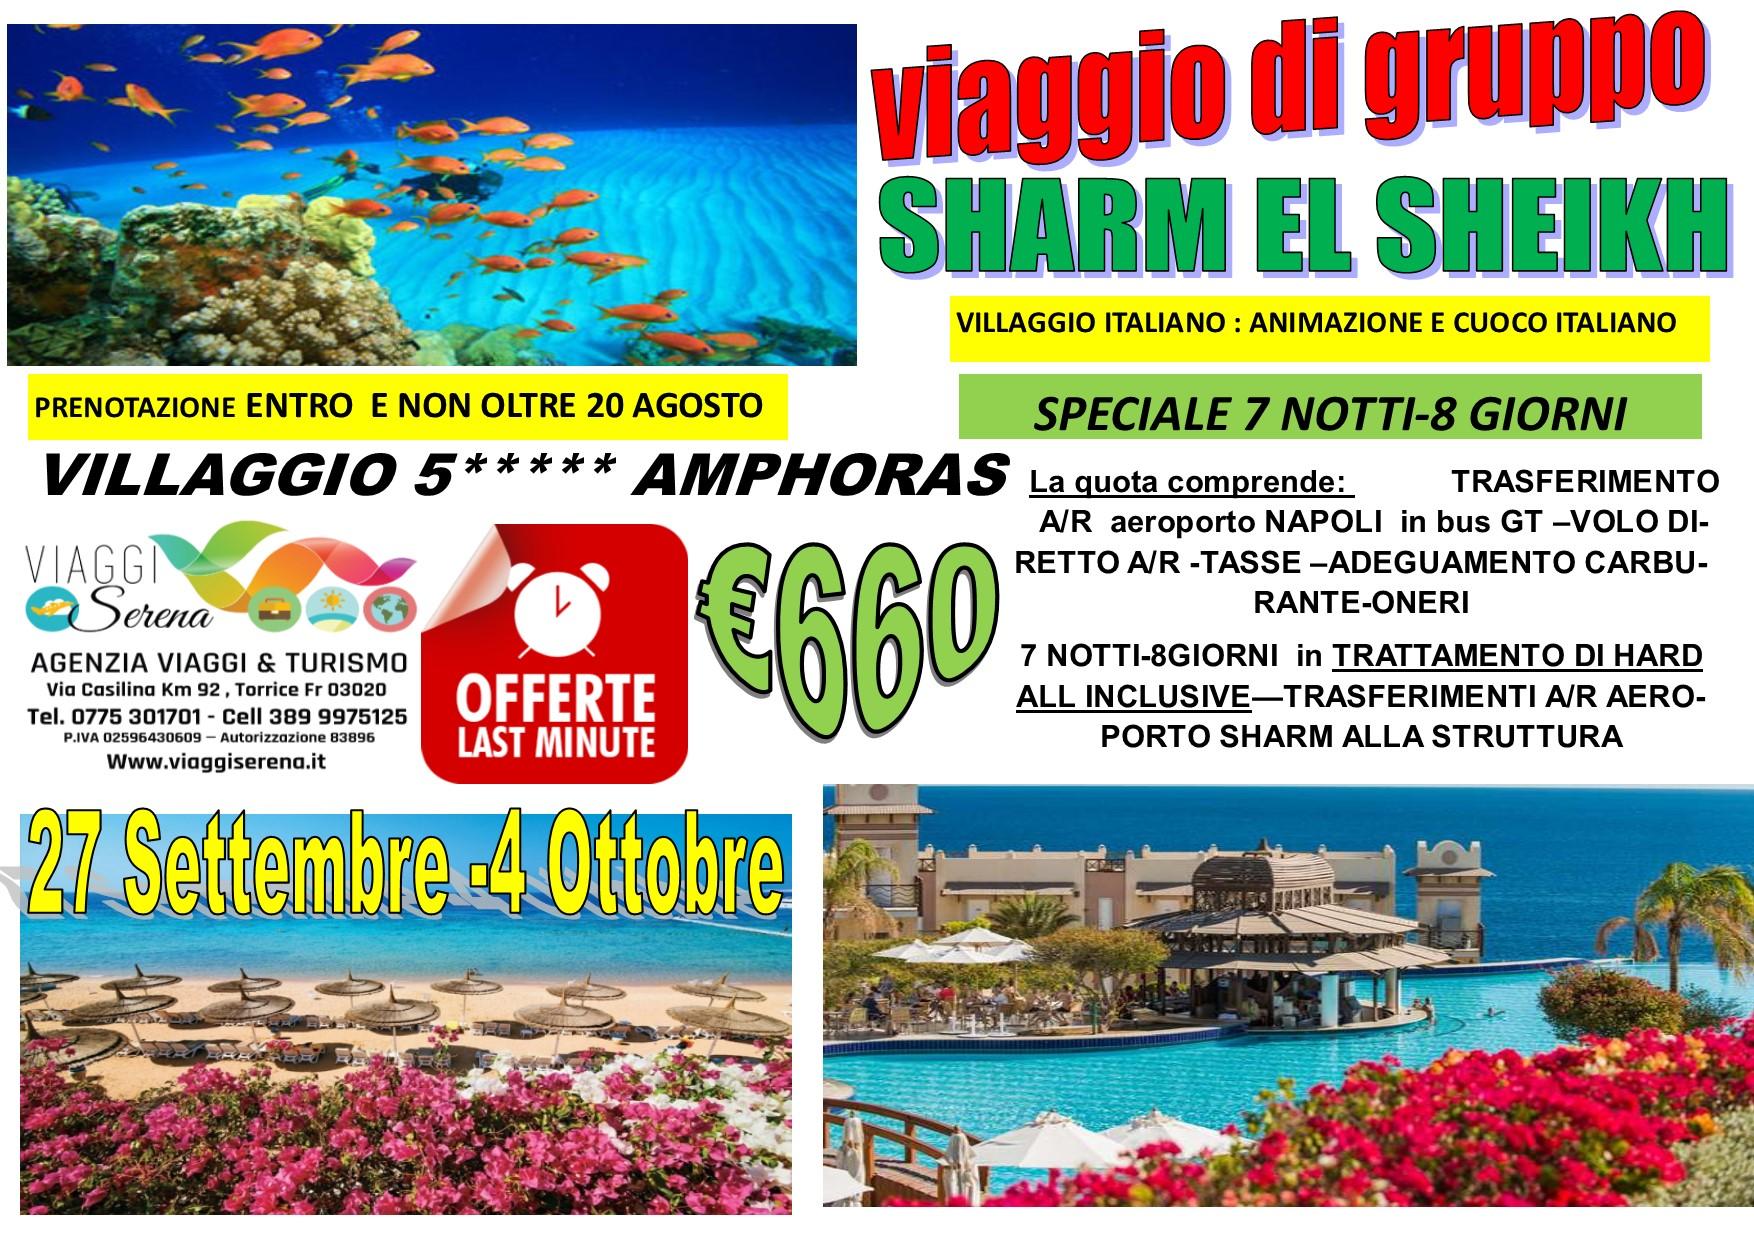 Viaggi di Gruppo: SHARM EL SHEIKH   Villaggio Italiano 5***** 27 Settembre -4 Ottobre € 660,00